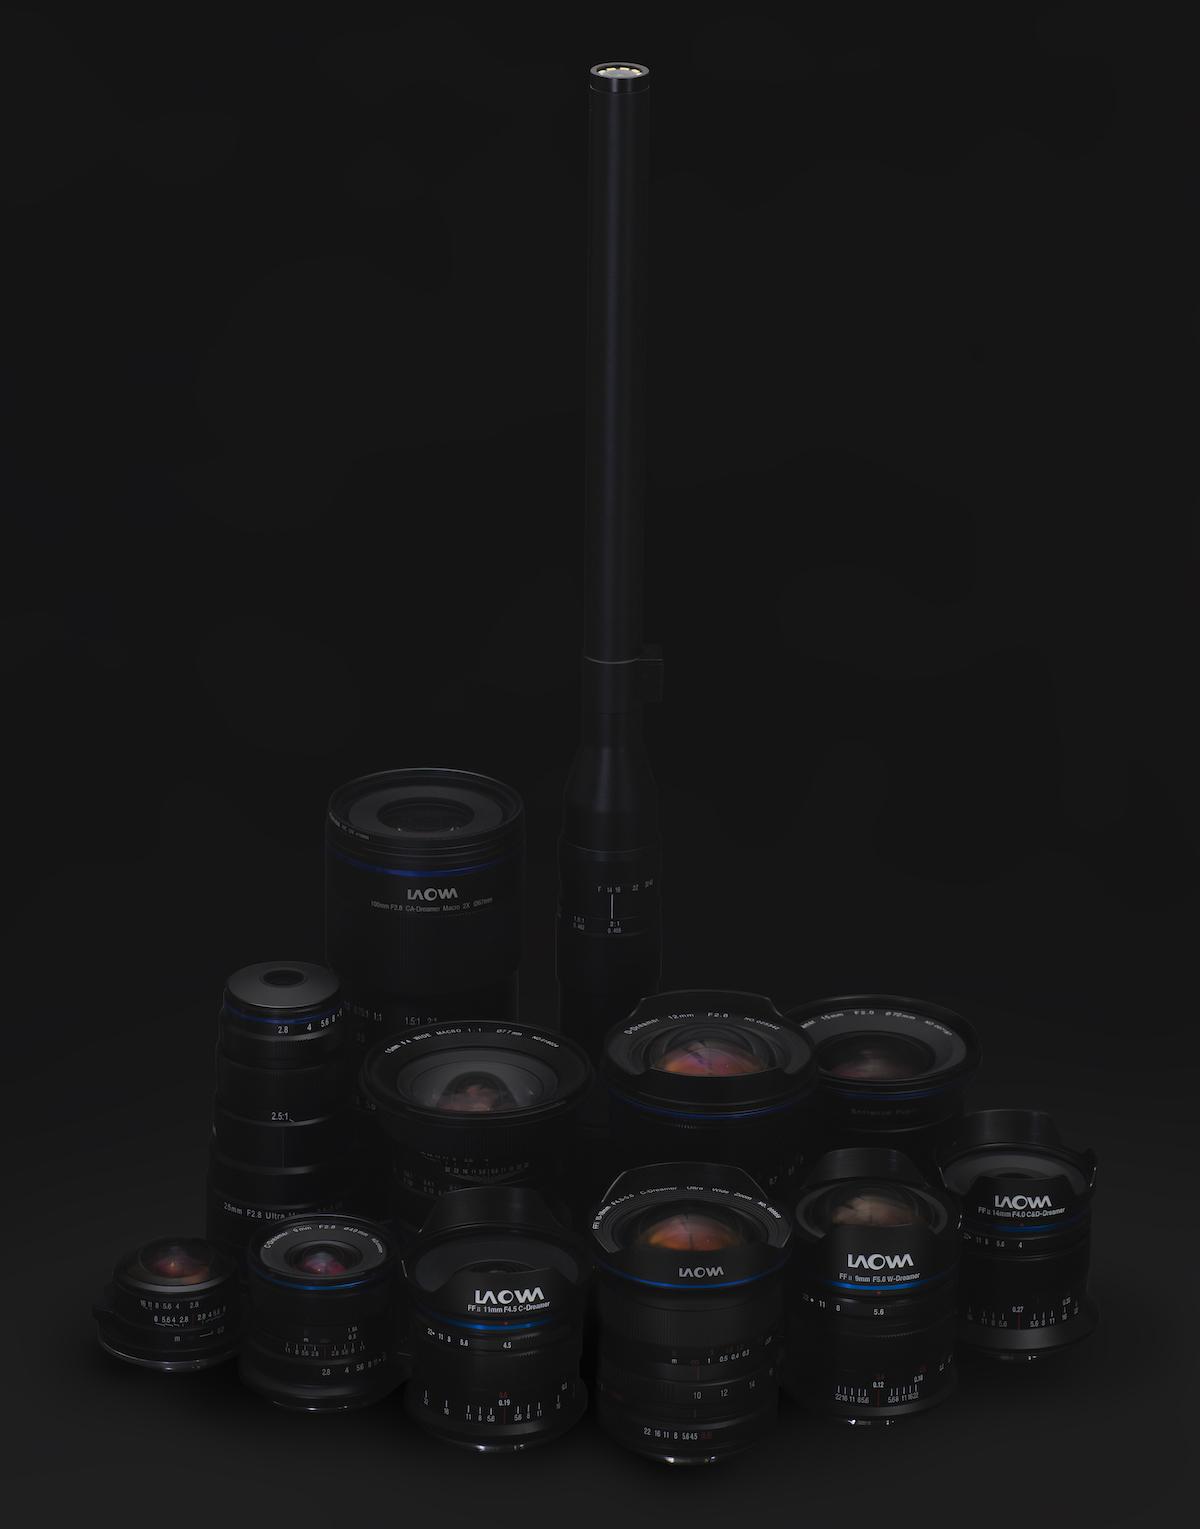 Venus Optics released four additional Laowa lenses in L-mount